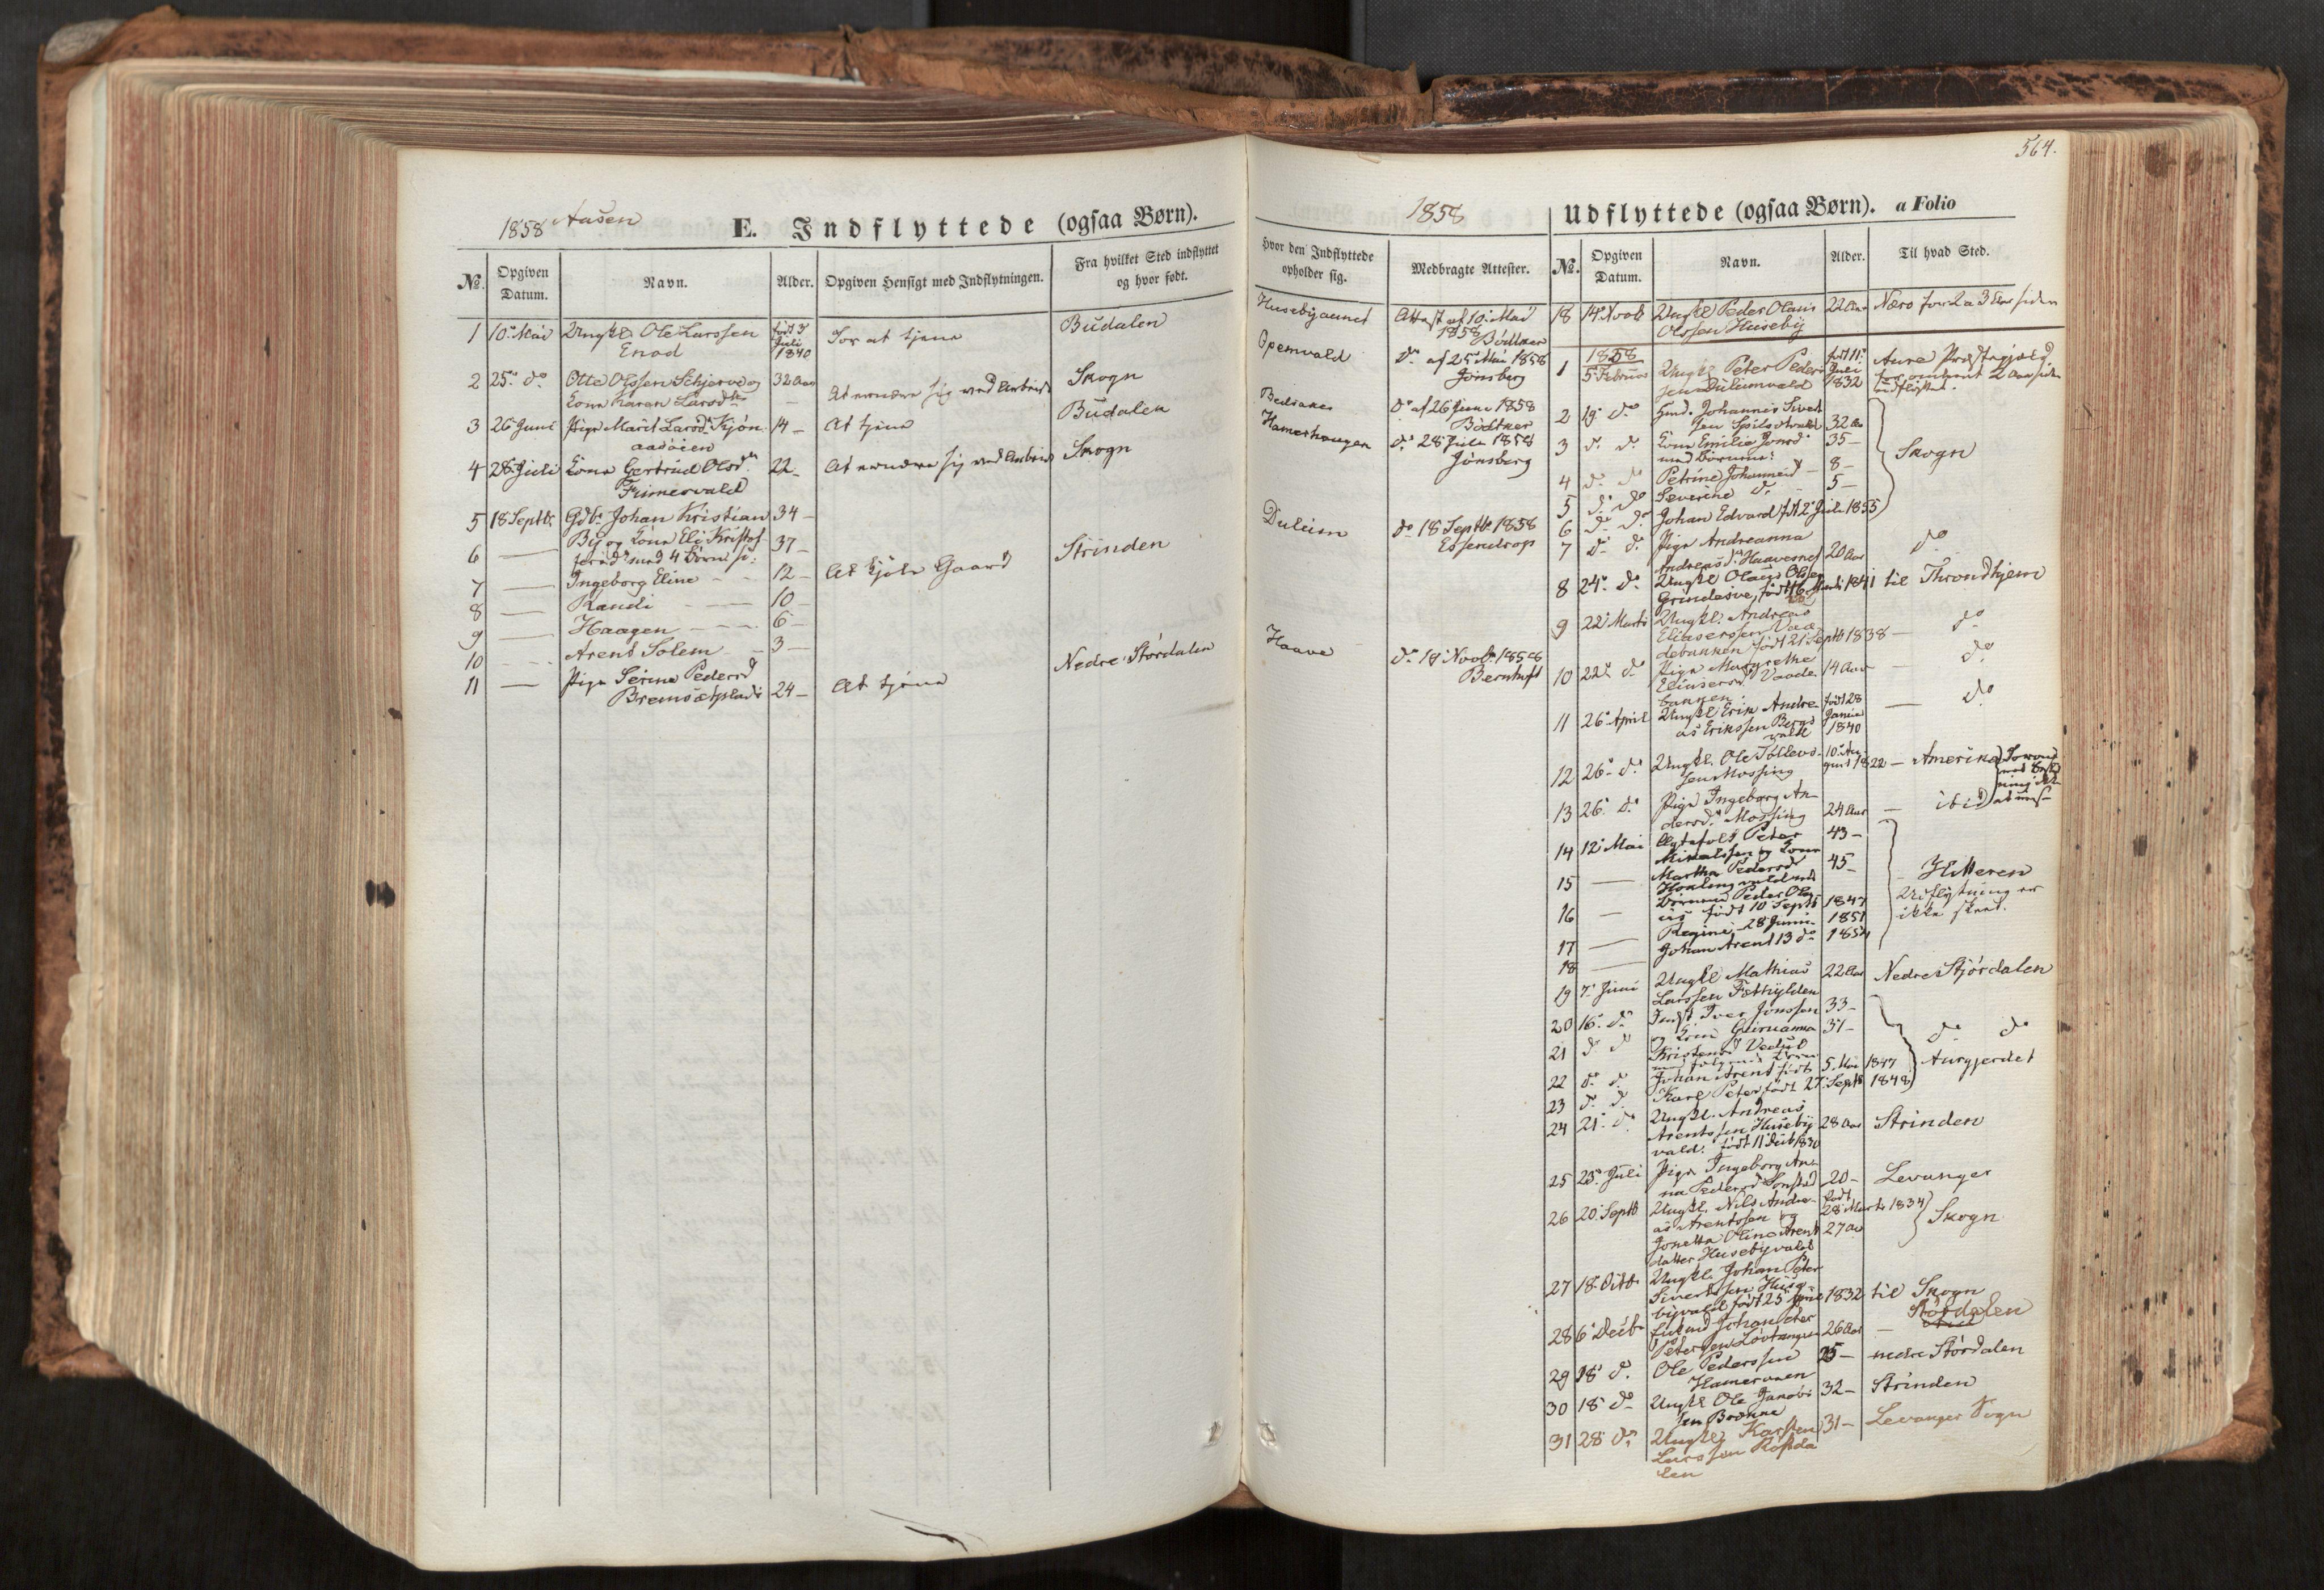 SAT, Ministerialprotokoller, klokkerbøker og fødselsregistre - Nord-Trøndelag, 713/L0116: Ministerialbok nr. 713A07, 1850-1877, s. 564